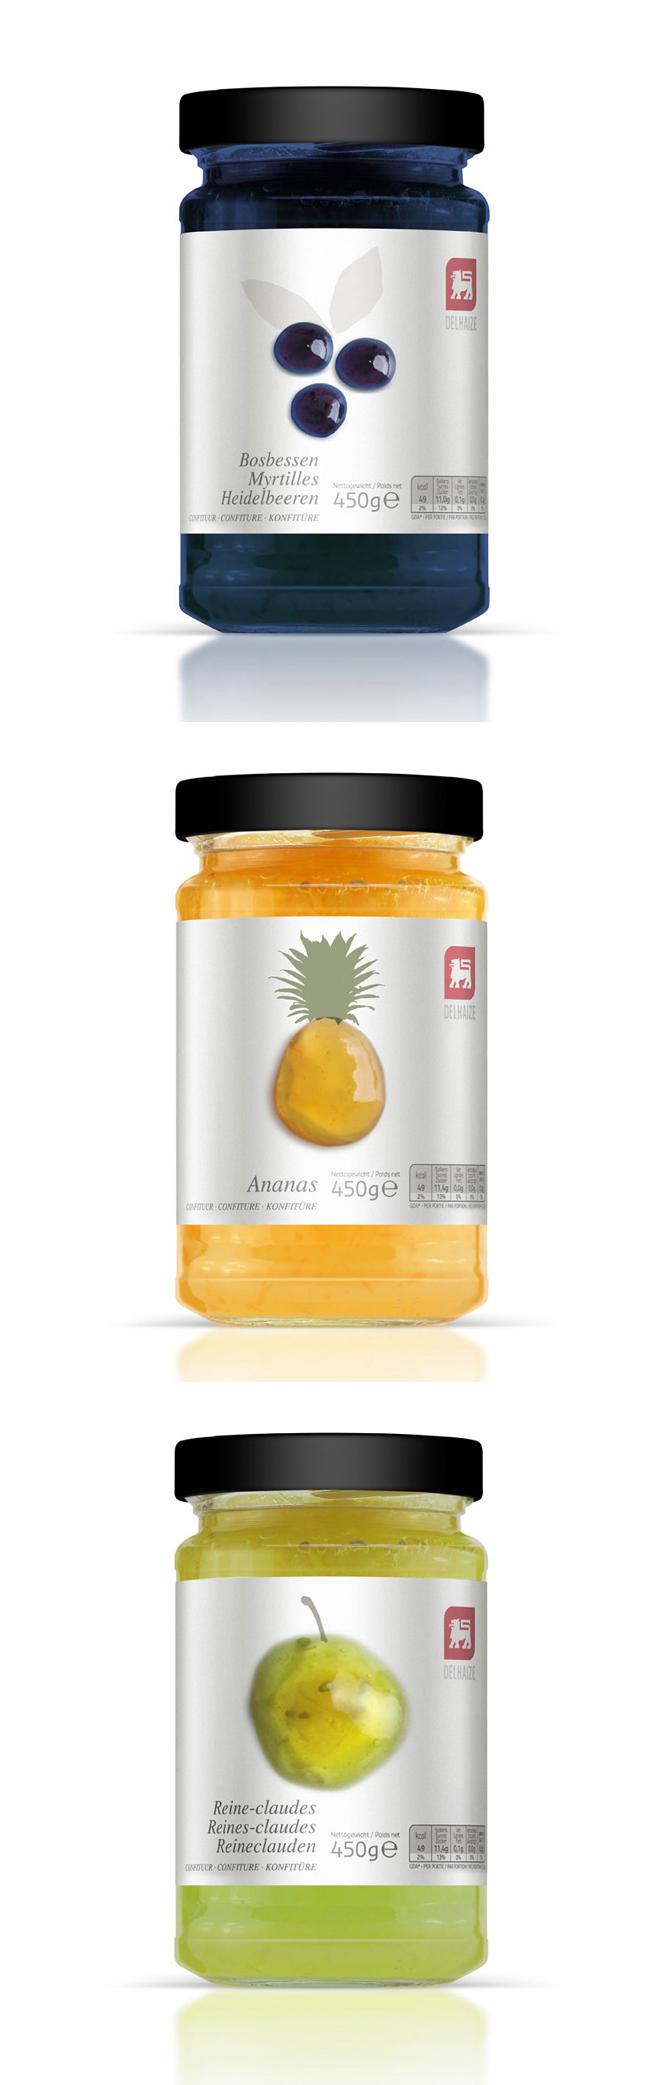 Delhaize jams Packaging design